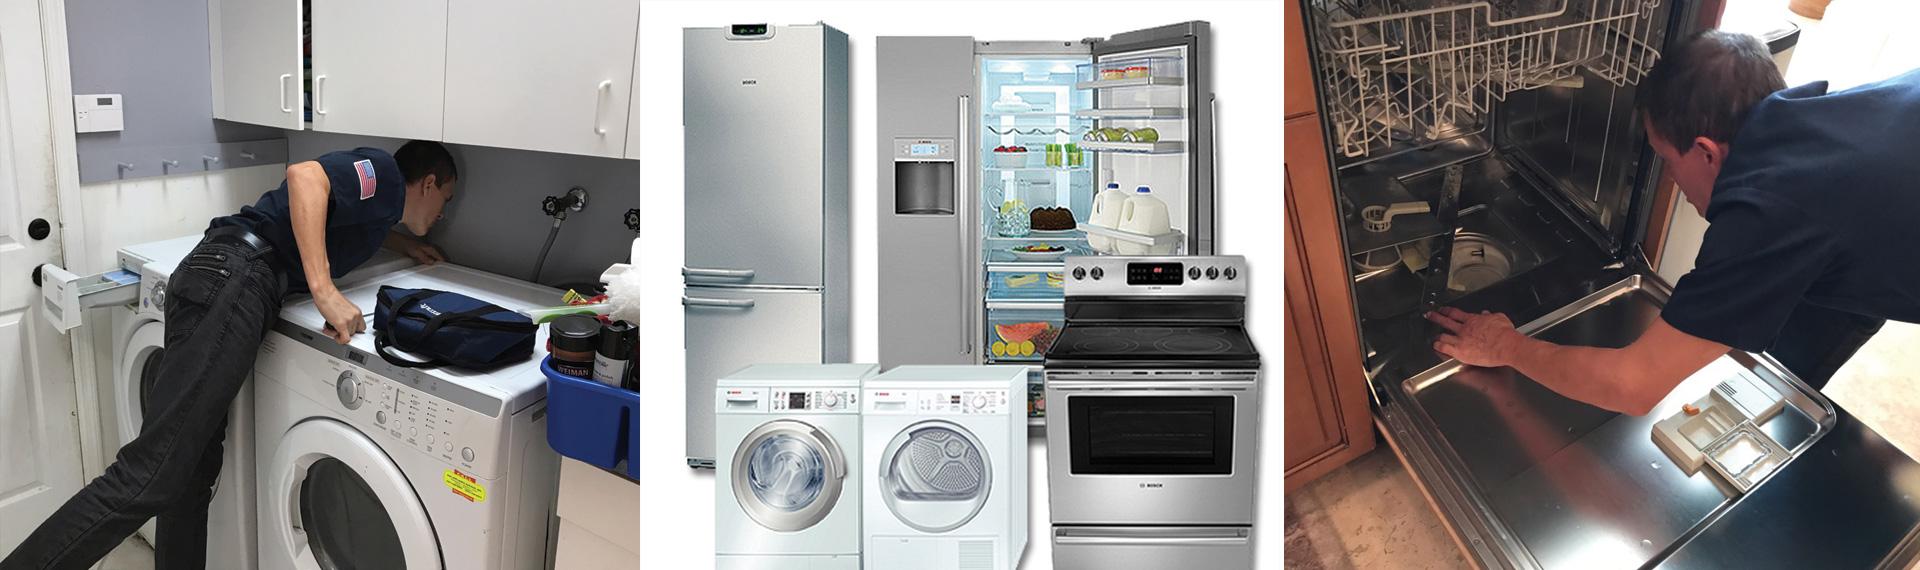 1A Appliance Service Deerfield Beach FL